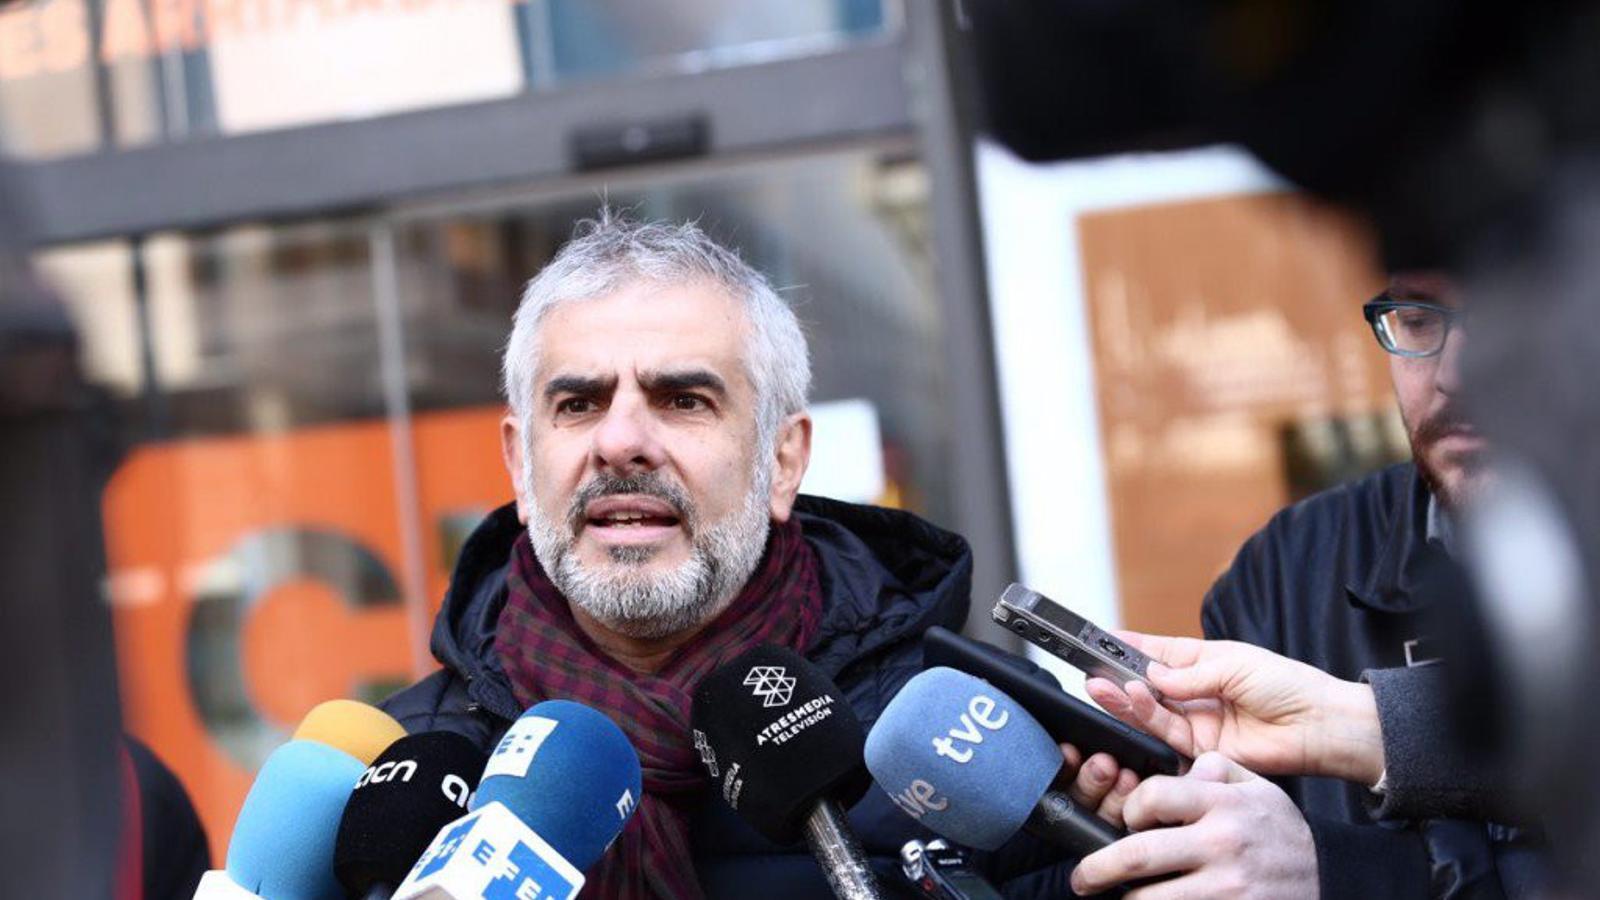 Cs presenta un recurs a la Junta Electoral perquè Junqueras i Comín no participin en un debat de TV3